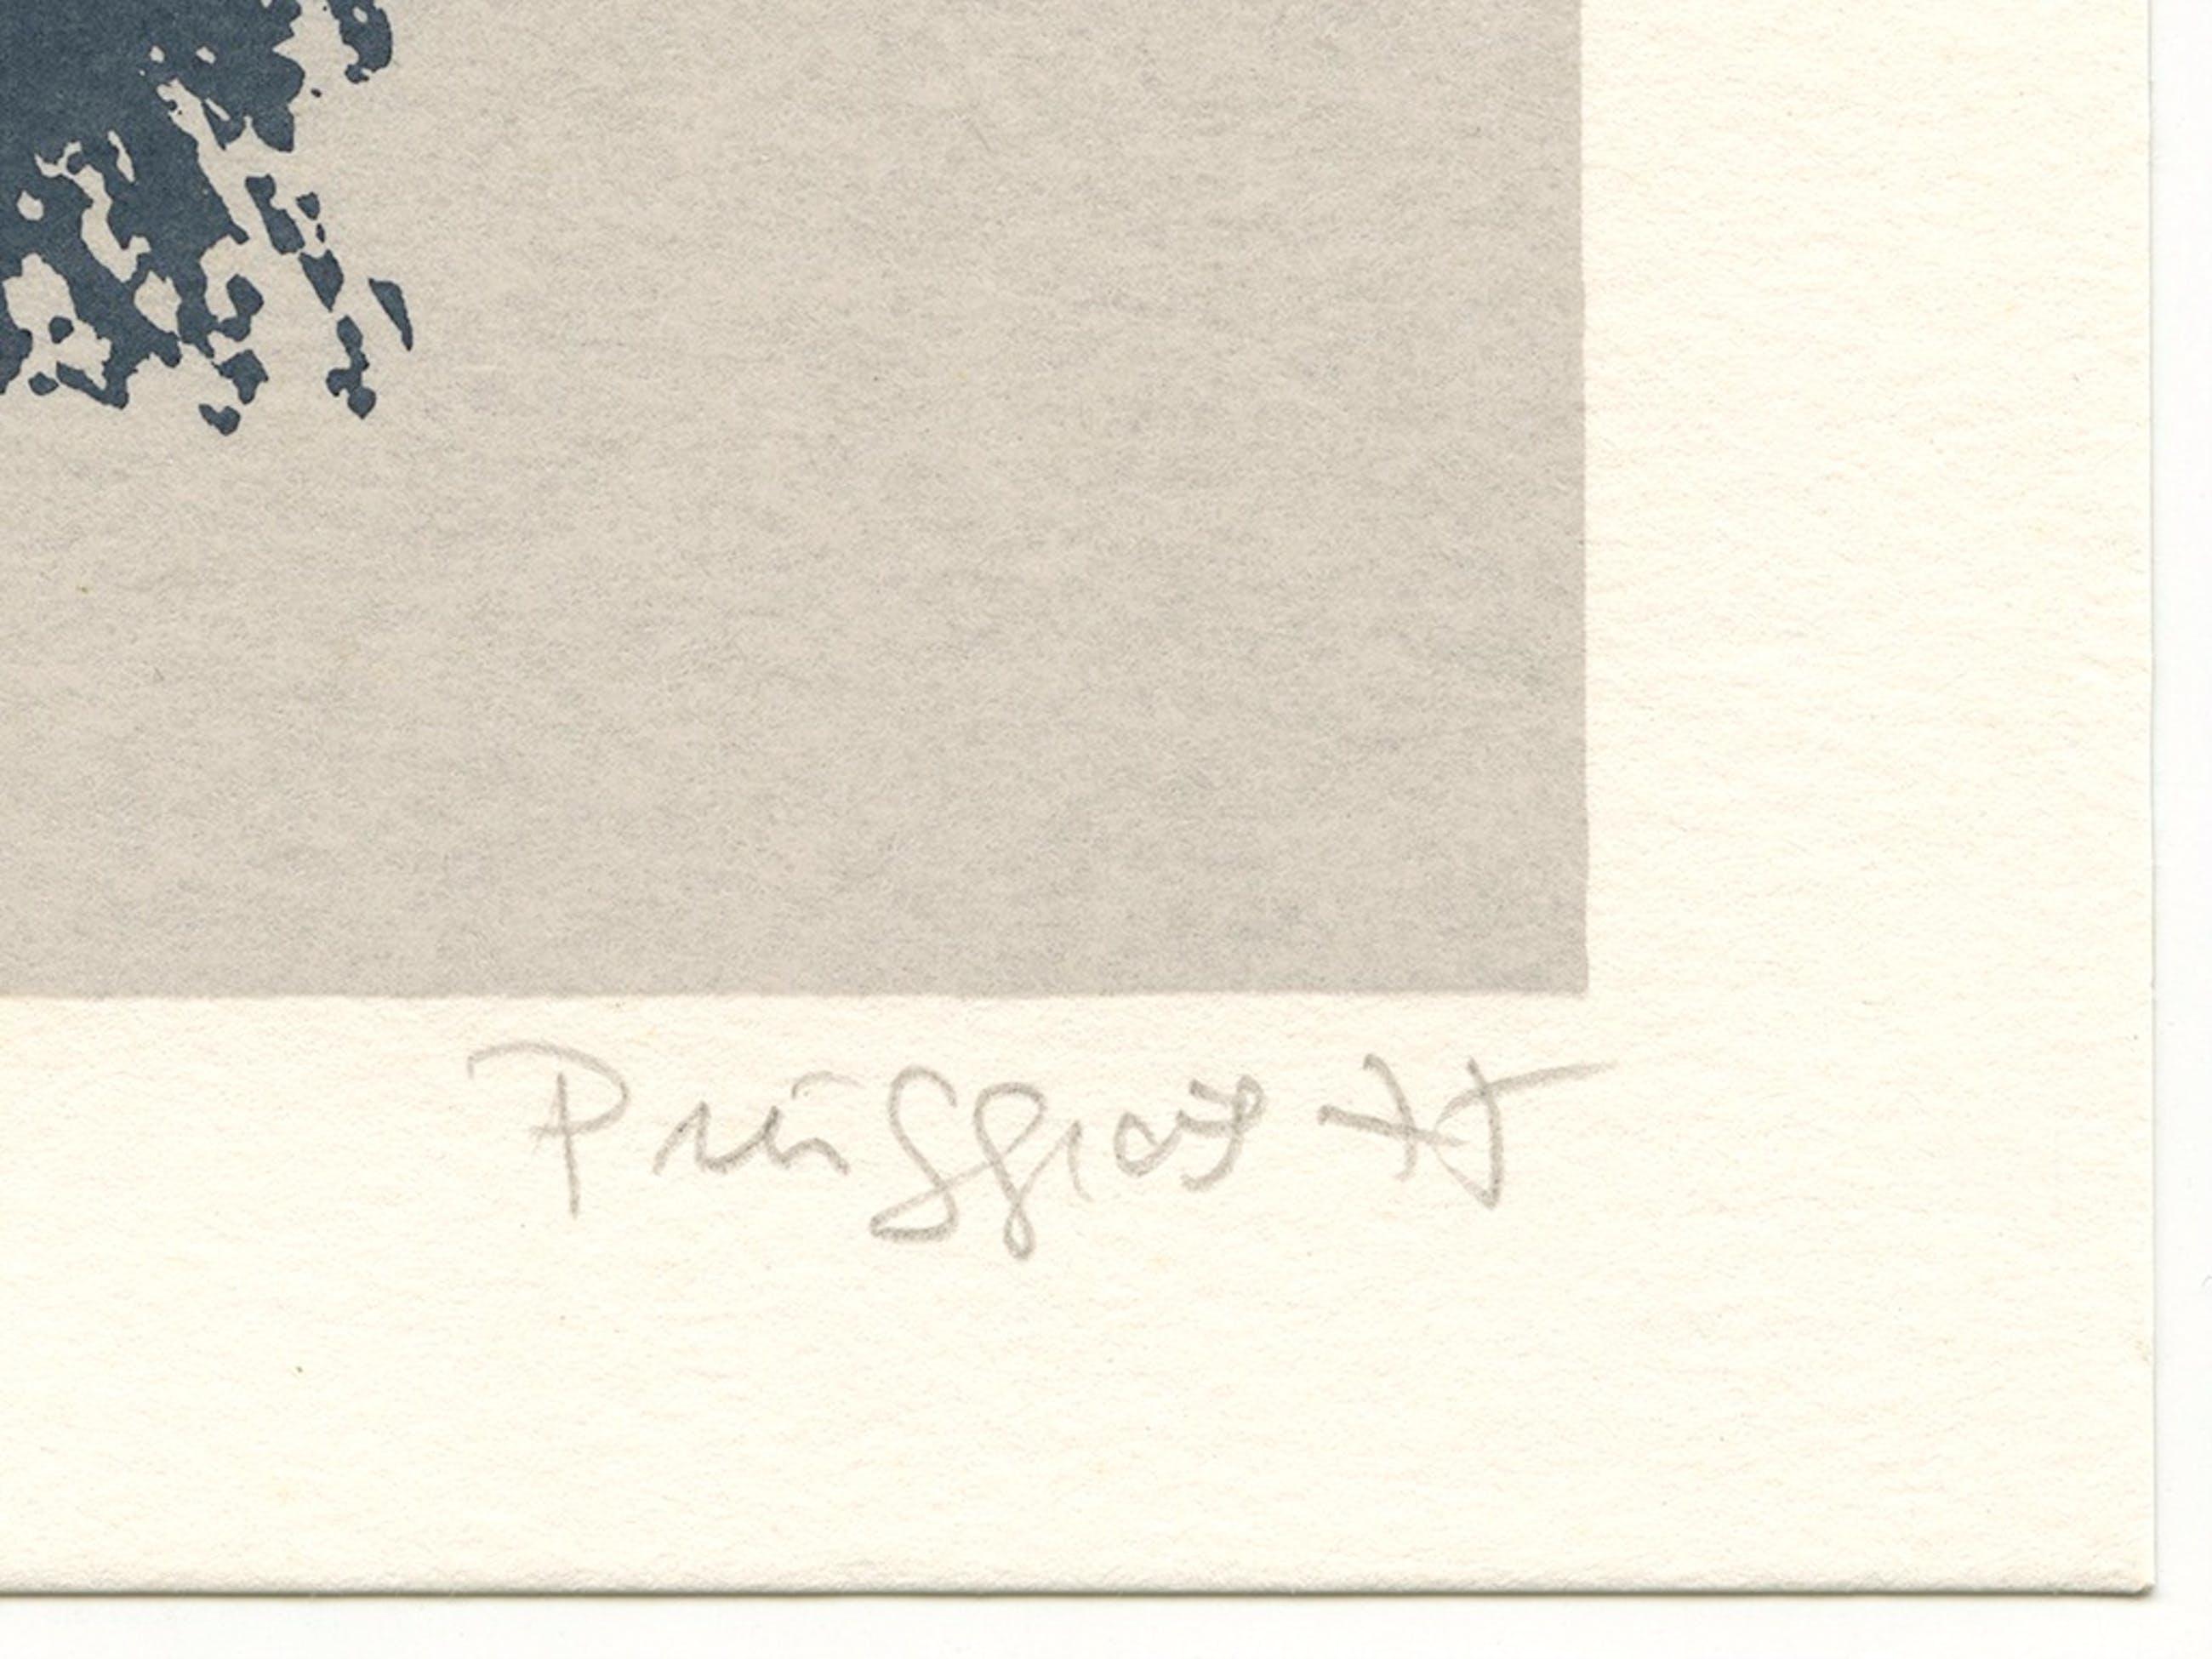 Pere Puiggrós, 'Compositie', litho, handgesigneerd, 1975 kopen? Bied vanaf 15!